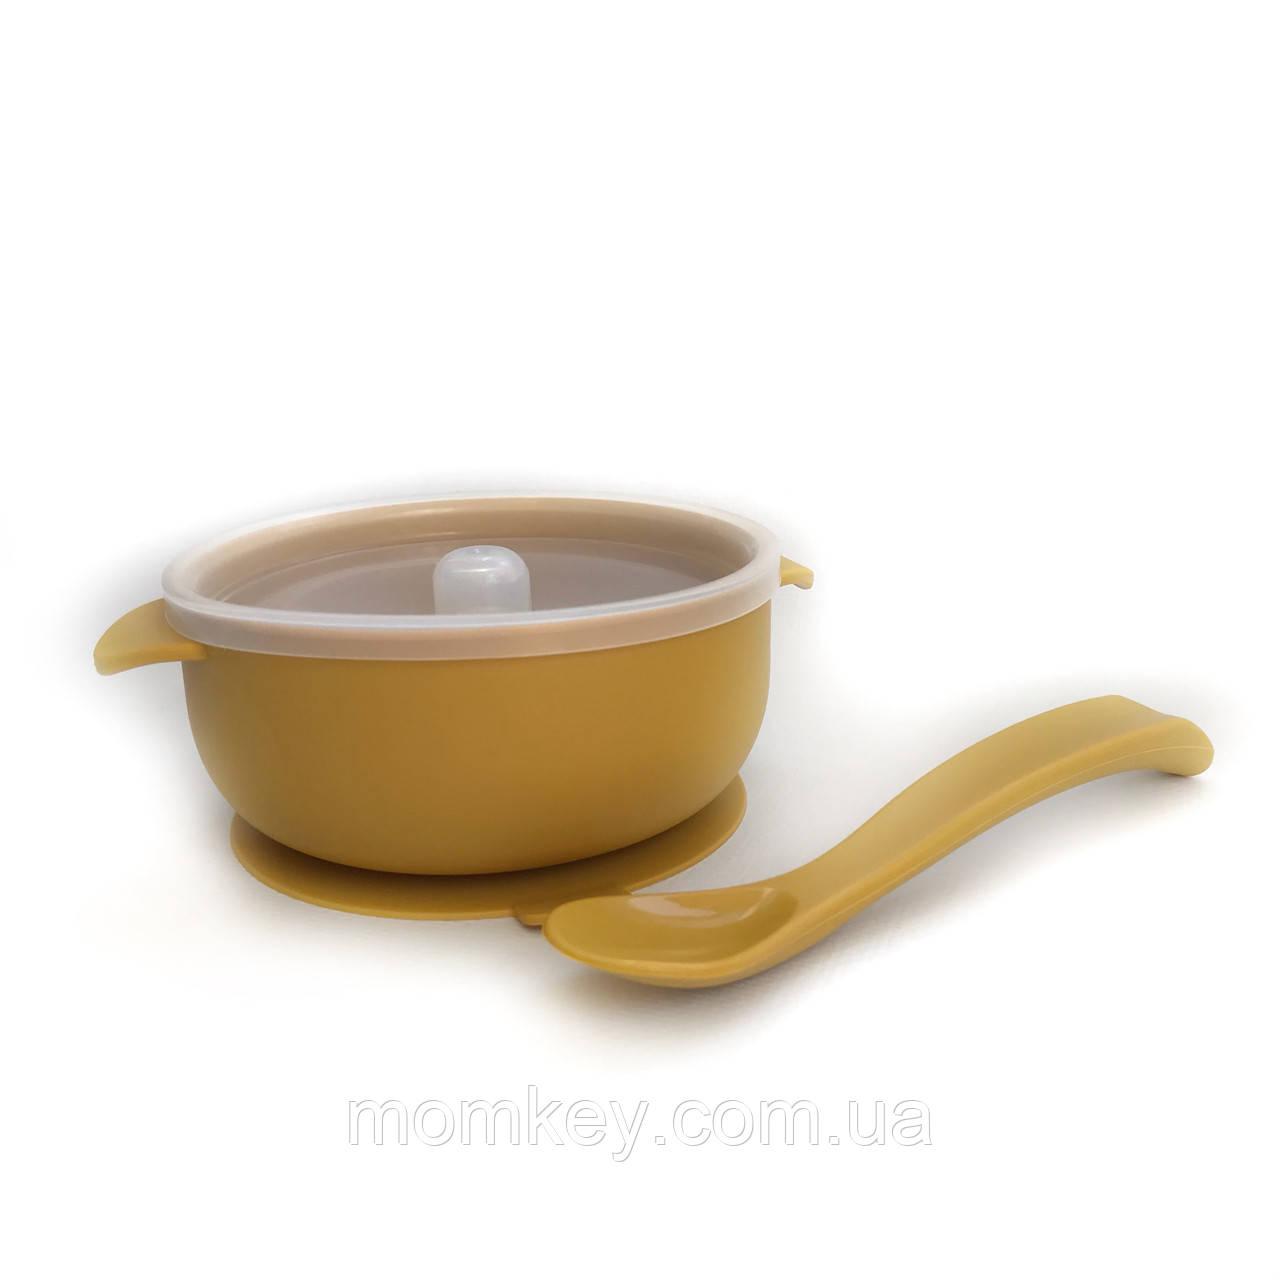 Тарелочка с крышкой+силиконовая ложка (горчичный)